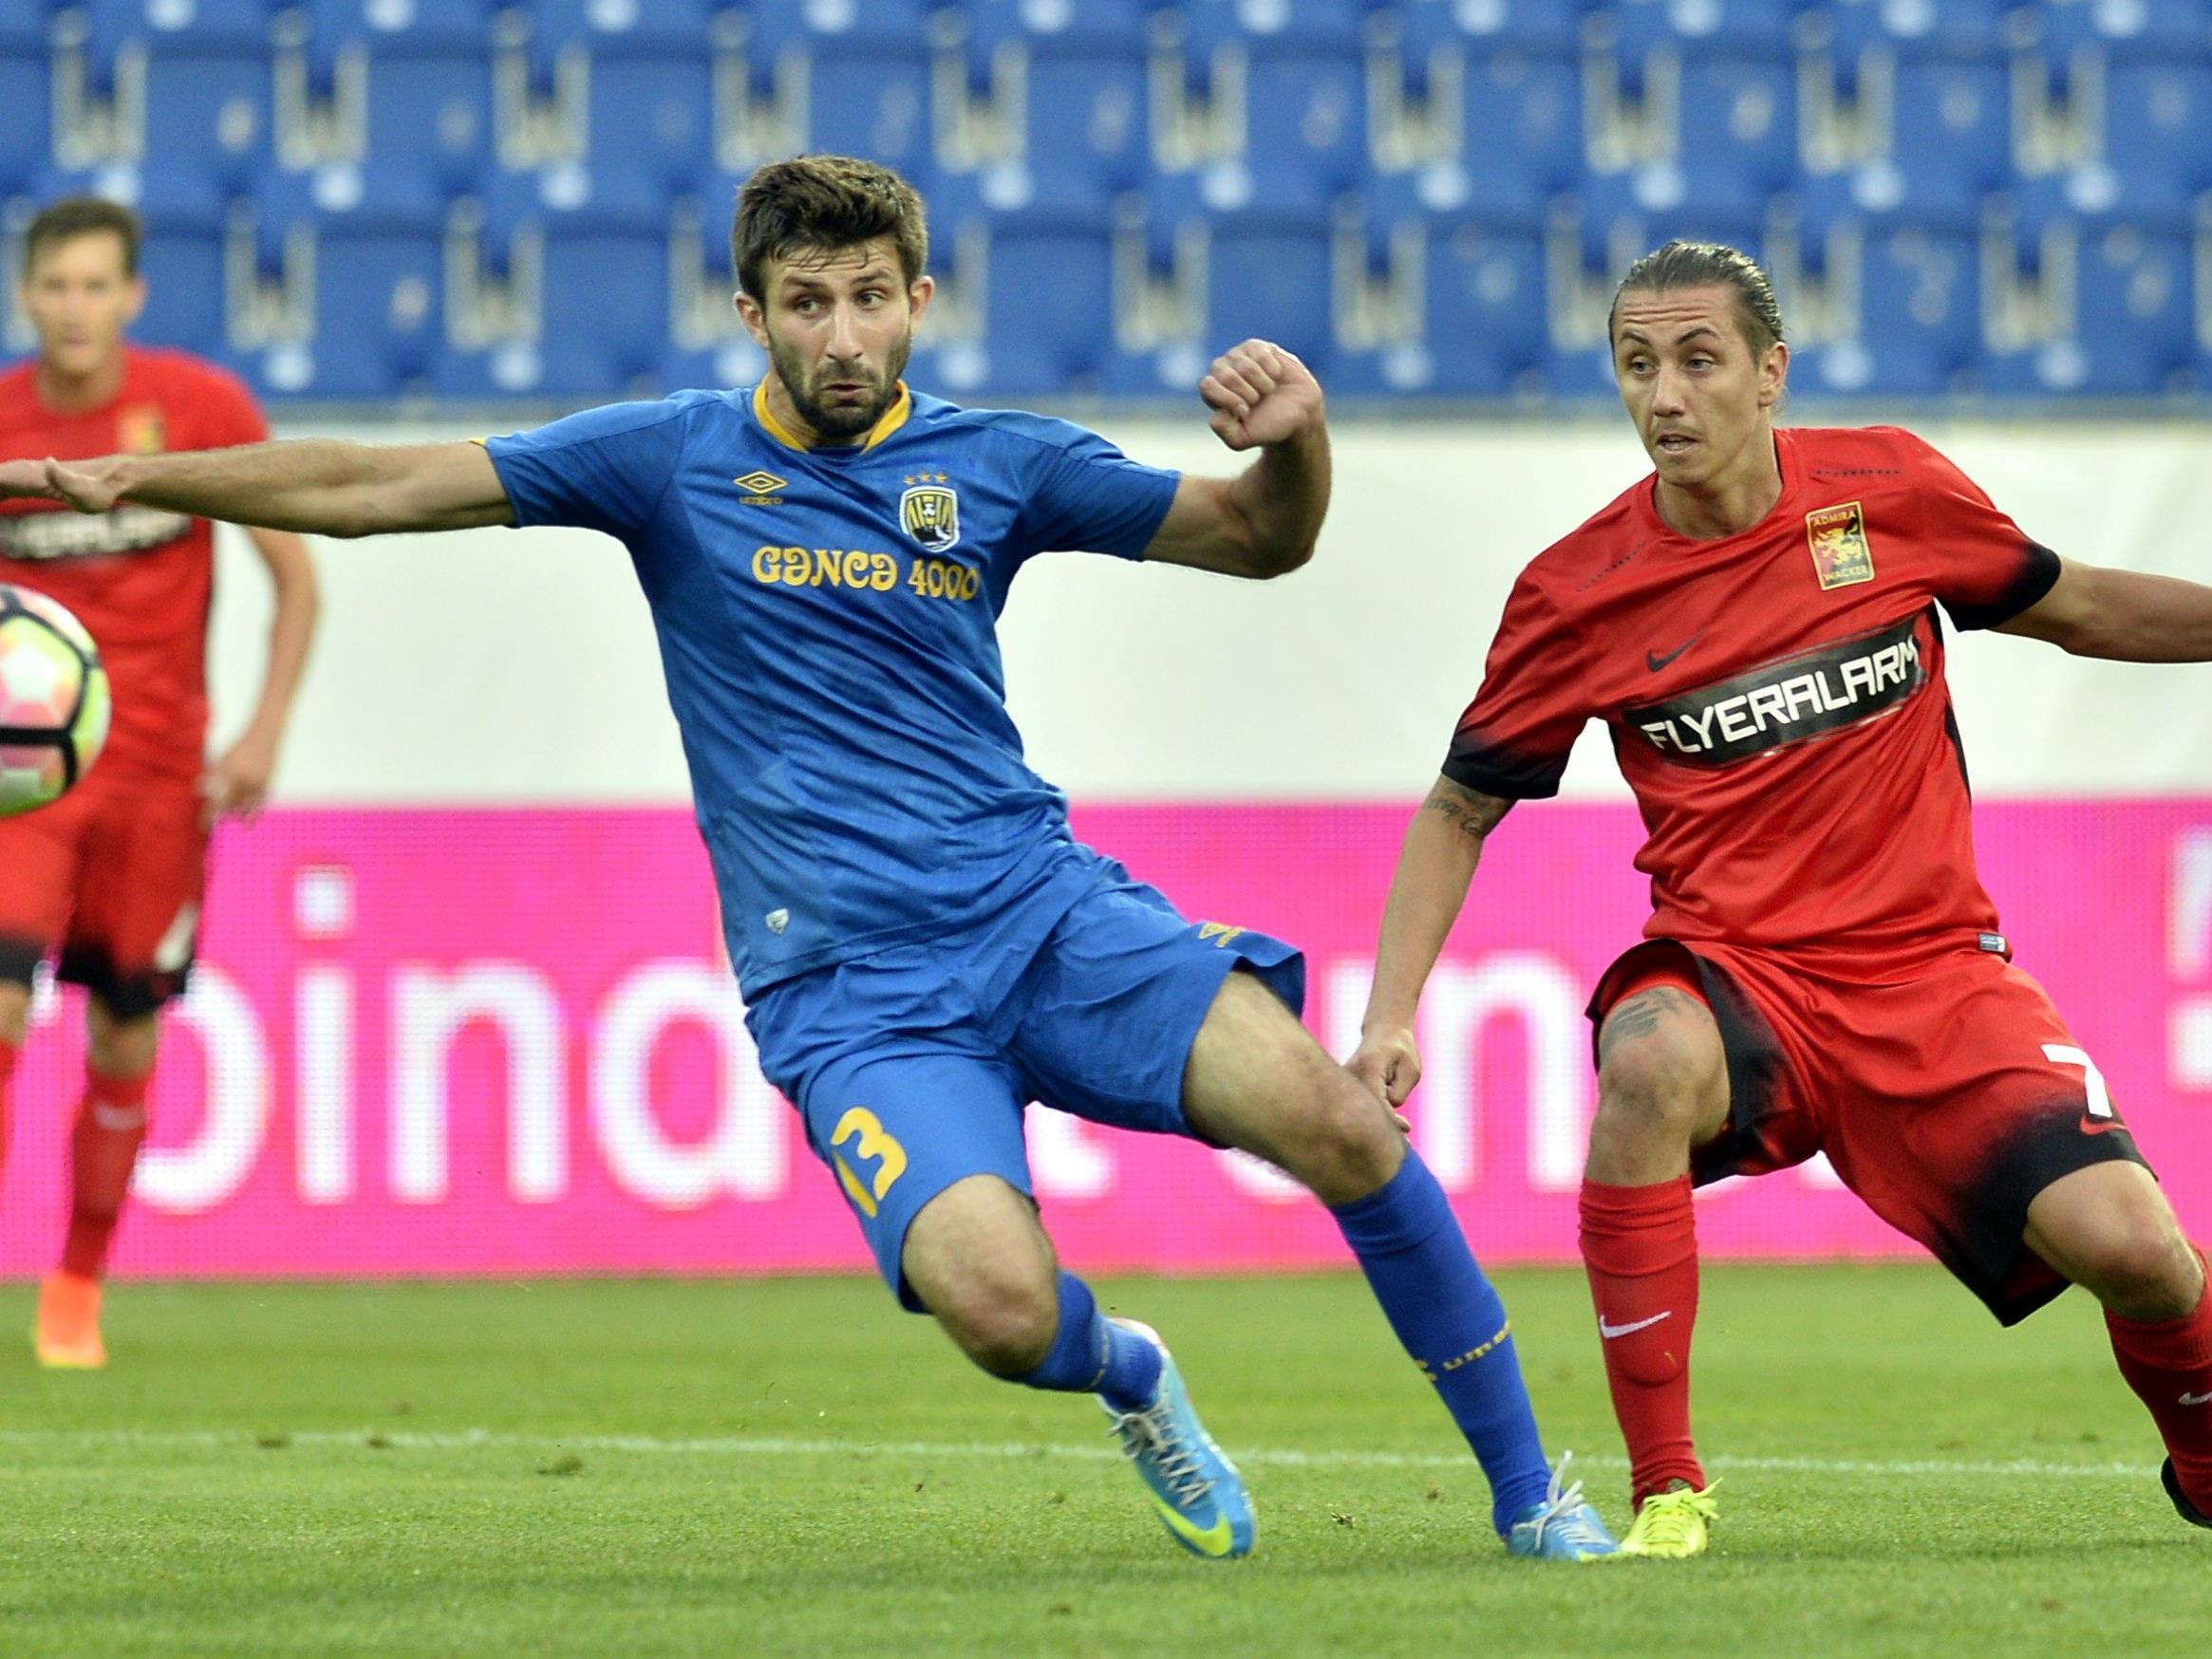 Die Admira will in die nächste Runde der Europa-League-Qualifikation einziehen.